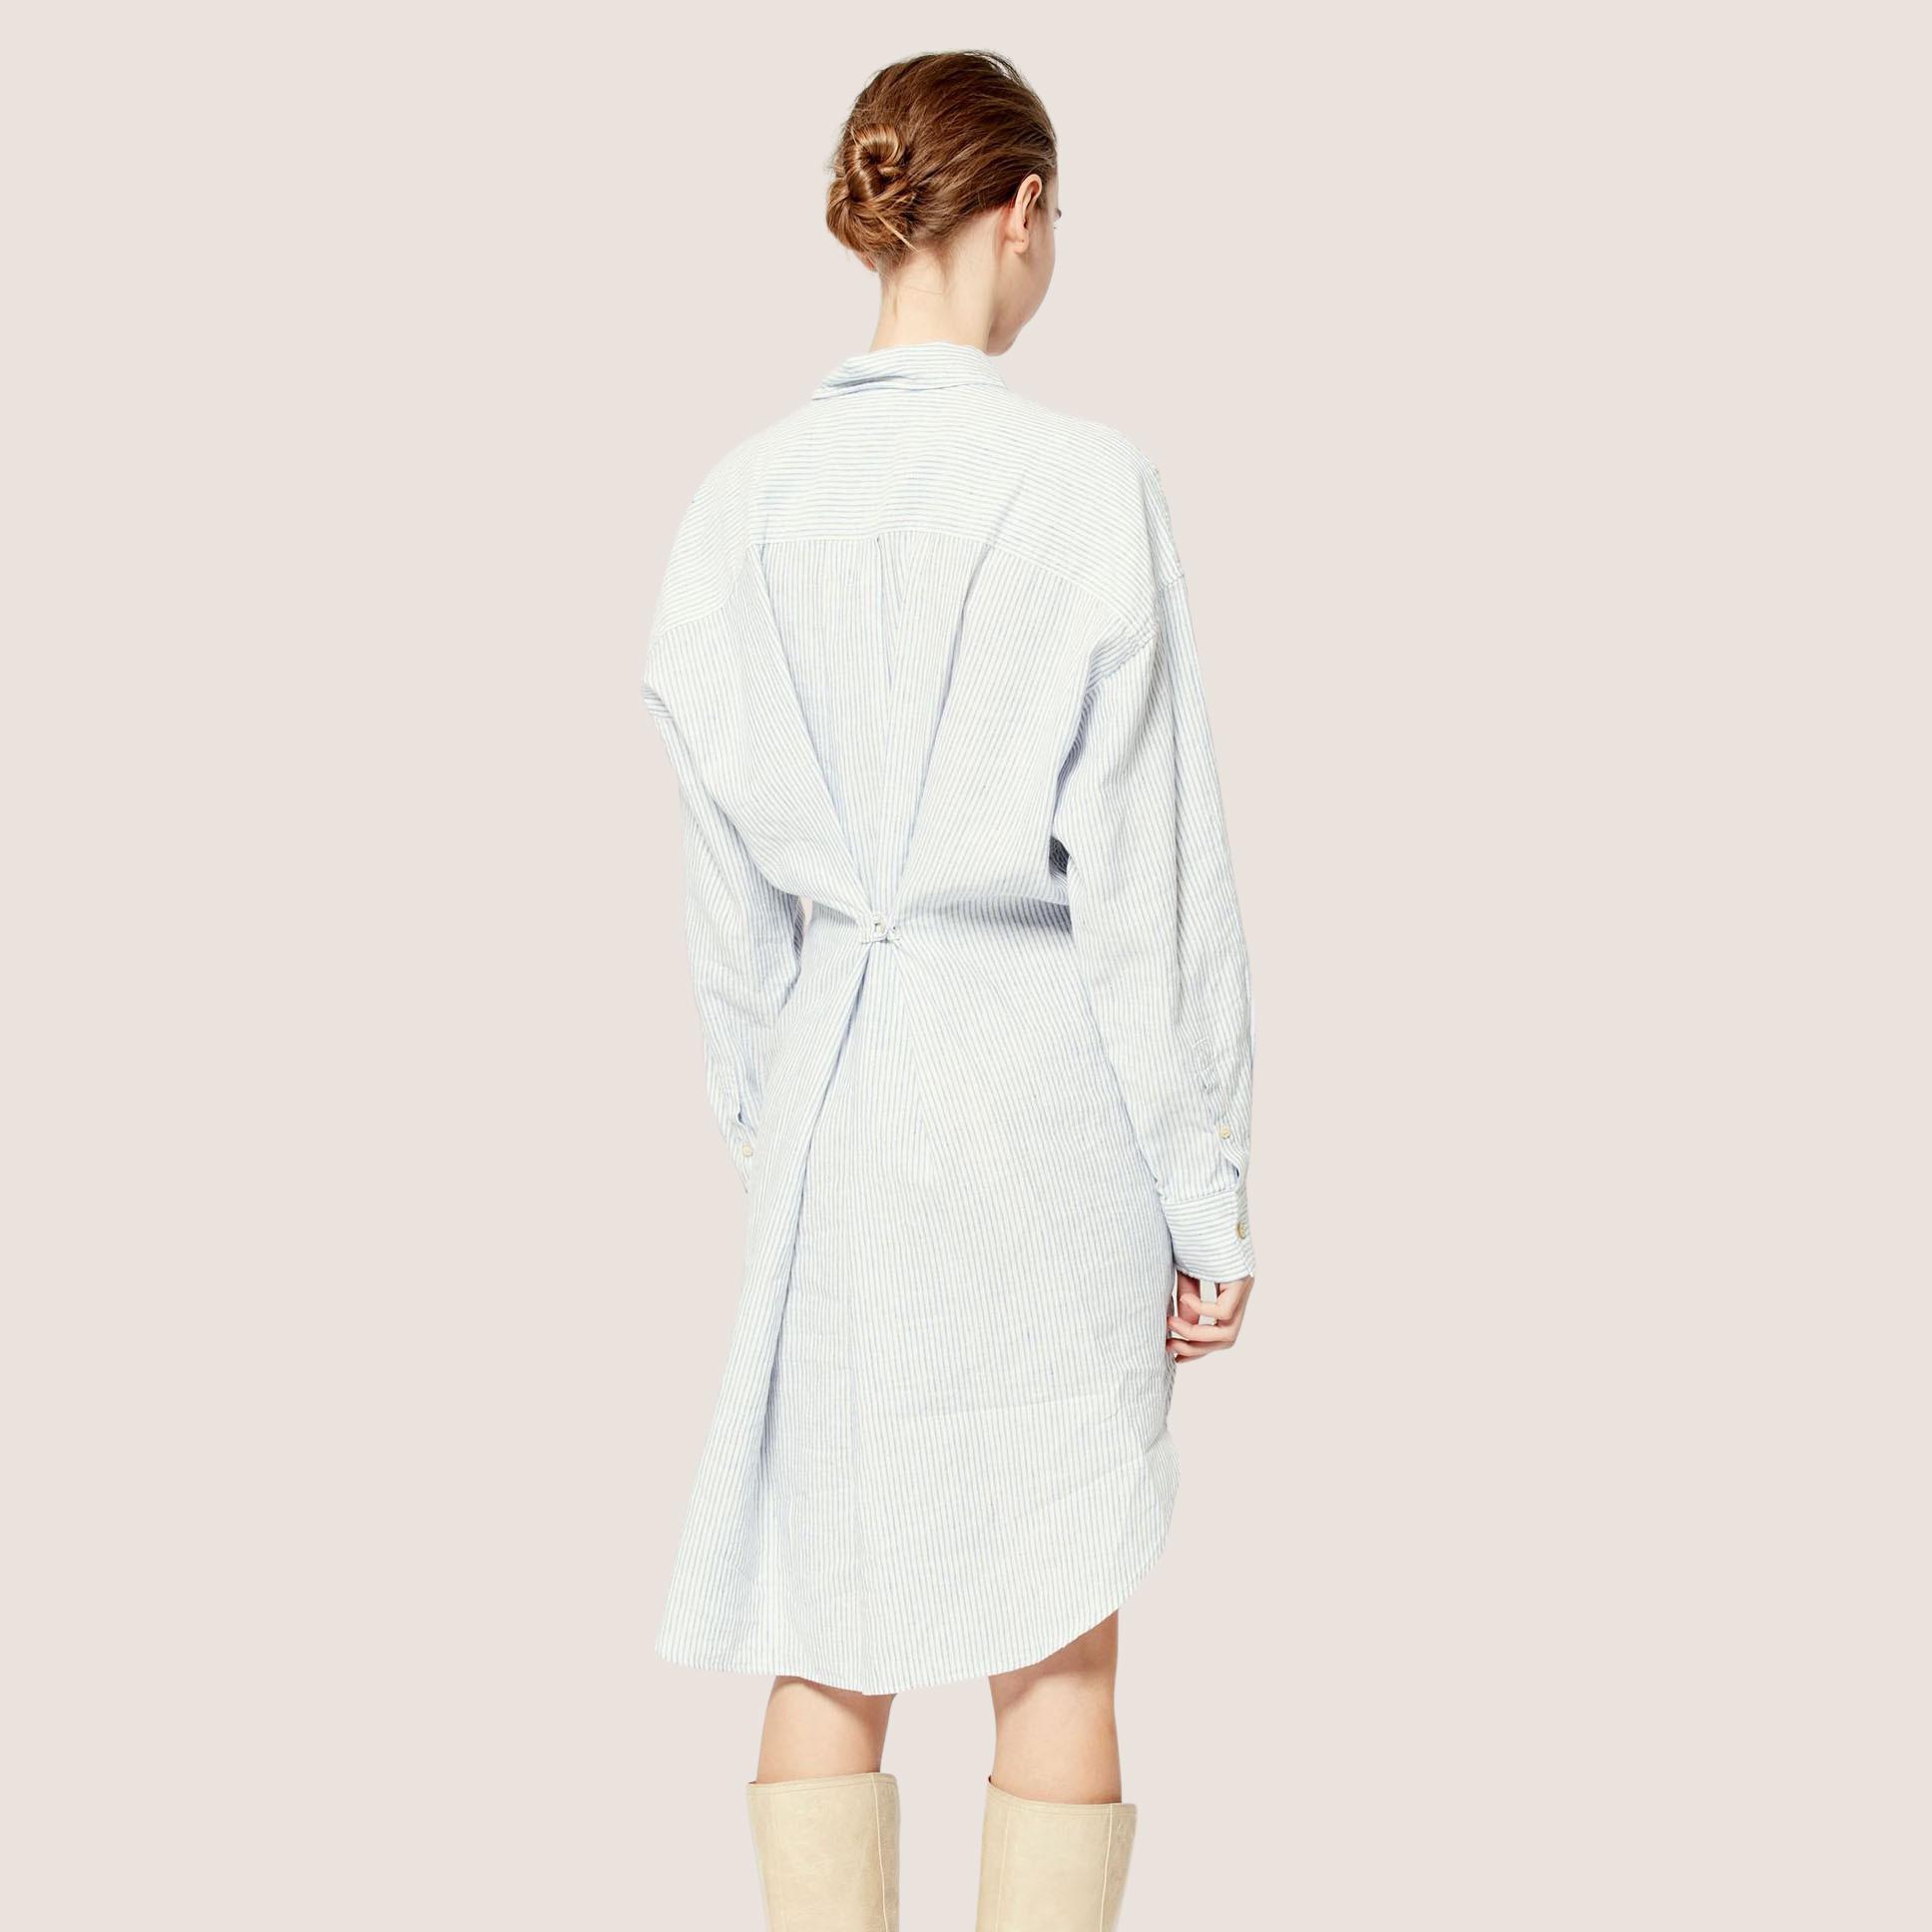 Seen Dress